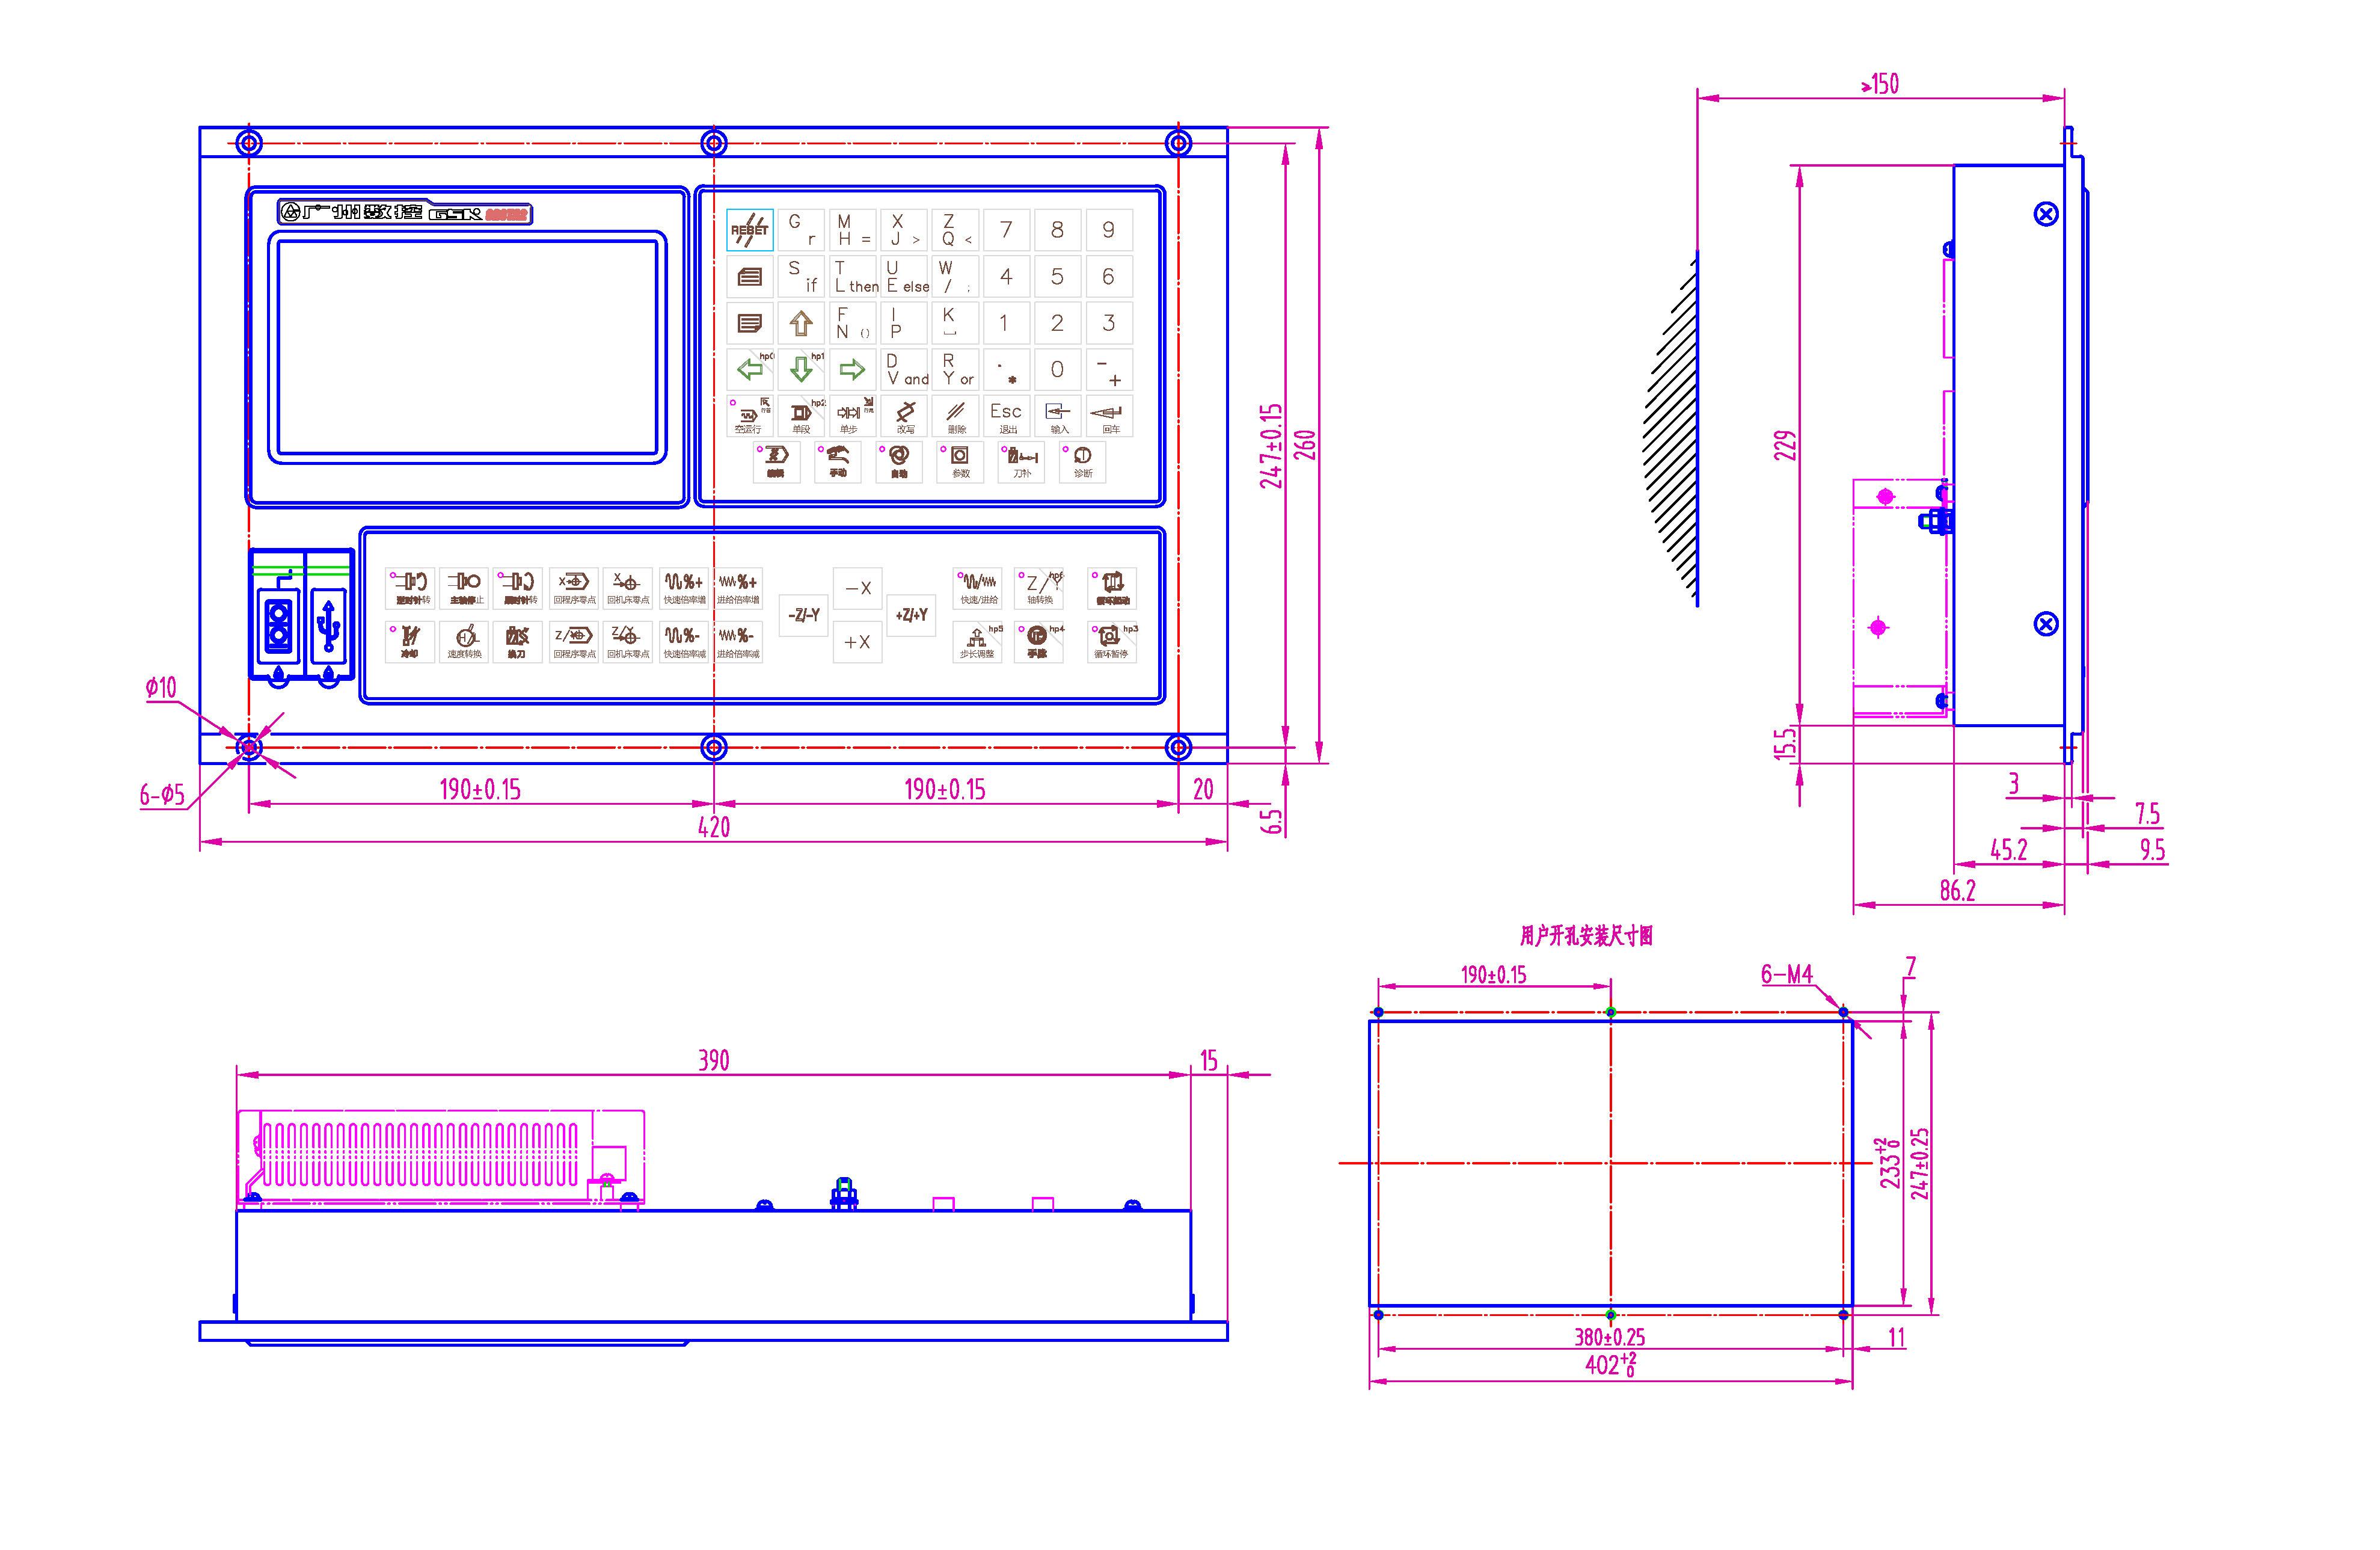 适配车床: 小型号工具车床; 自动化送料车床。 独特实用的控制功能和加工功能组合 参数设置即可改装实现双头车的功能; 特殊的轨迹偏移功能组合,用于特殊易变形材料加工; 机床厂用25条自定义M指令实现特殊控制; 16按钮、8旋钮、8脚踏开关,多种模式组合操作。 用自定义M指令实现特殊控制 十分简便的自定义M指令编程方法; 用自定义M指令实现信号检测和控制,可以控制更多的装置; 急停(+M74)、复位(+M73)、驱动报警(+M72)时,可自动追加执行对应的M指令关闭某些输出信号,提升安全性和方便性。